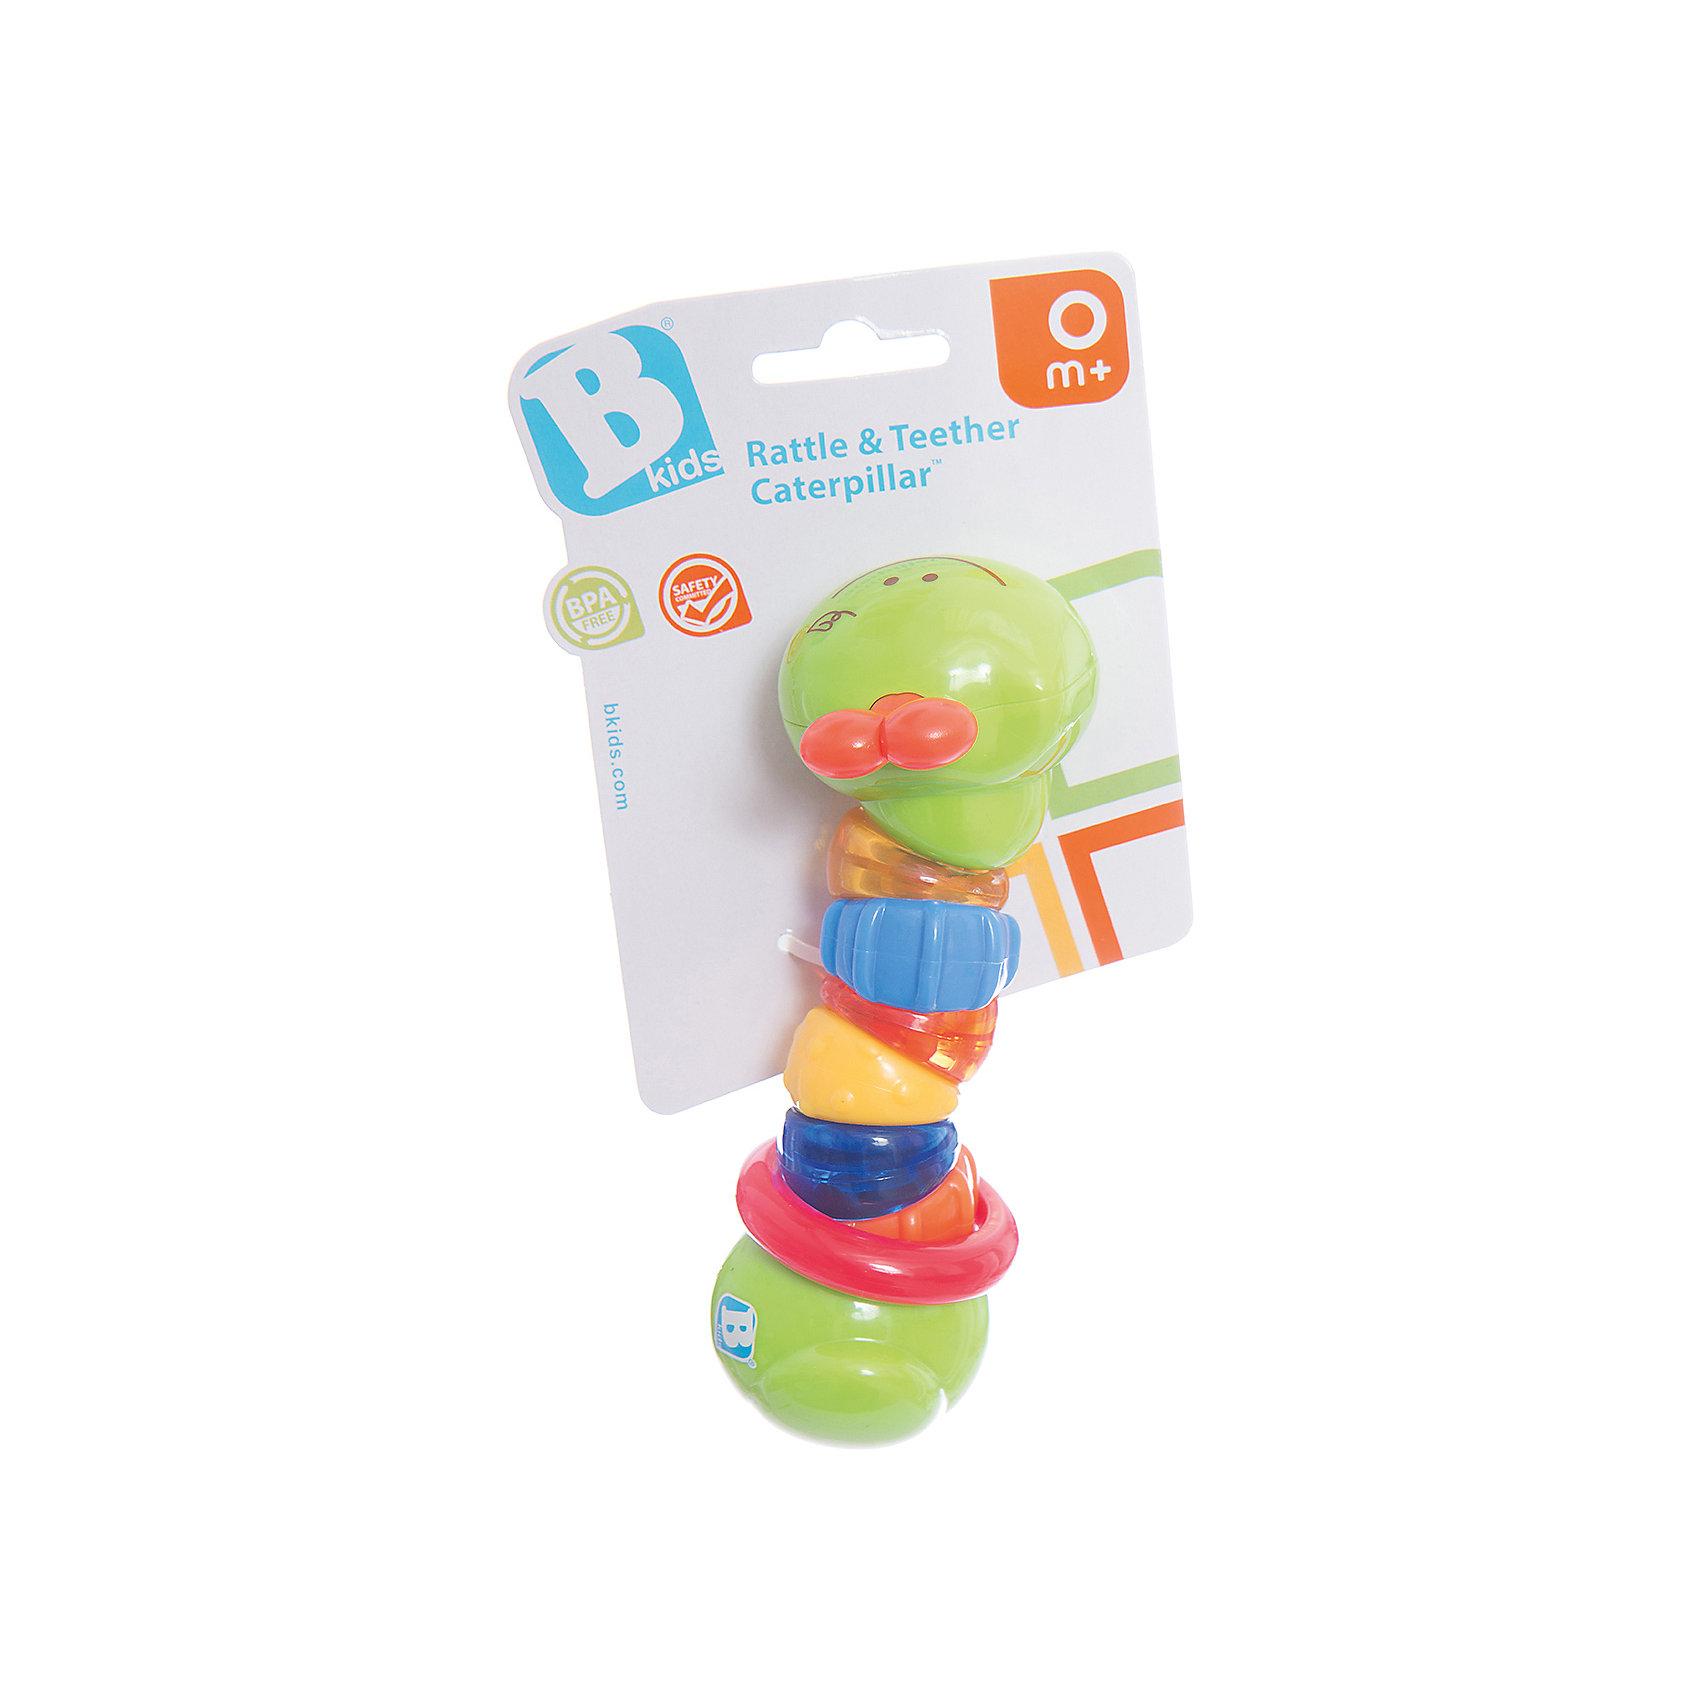 Игрушка Гусеничка, BKidsРазвивающие игрушки<br>Развивать способности ребенка можно с самого раннего возраста. Делая это в игре, малыш всесторонне изучает мир и осваивает новые навыки. Эта игрушка представляет собой погремушку в виде гусеницы с фактурной поверхностью. <br>Такие игрушки способствуют развитию мелкой моторики, воображения, цвето- и звуковосприятия, тактильных ощущений и обучению. Изделие разработано специально для самых маленьких. Сделано из материалов, безопасных для детей.<br><br>Дополнительная информация:<br><br>цвет: разноцветный;<br>размер: 16,5 см;<br>возраст: с рождения.<br><br>Игрушку Гусеничка от бренда BKids можно купить в нашем интернет-магазине.<br><br>Ширина мм: 101<br>Глубина мм: 101<br>Высота мм: 20<br>Вес г: 93<br>Возраст от месяцев: 0<br>Возраст до месяцев: 36<br>Пол: Унисекс<br>Возраст: Детский<br>SKU: 5055387